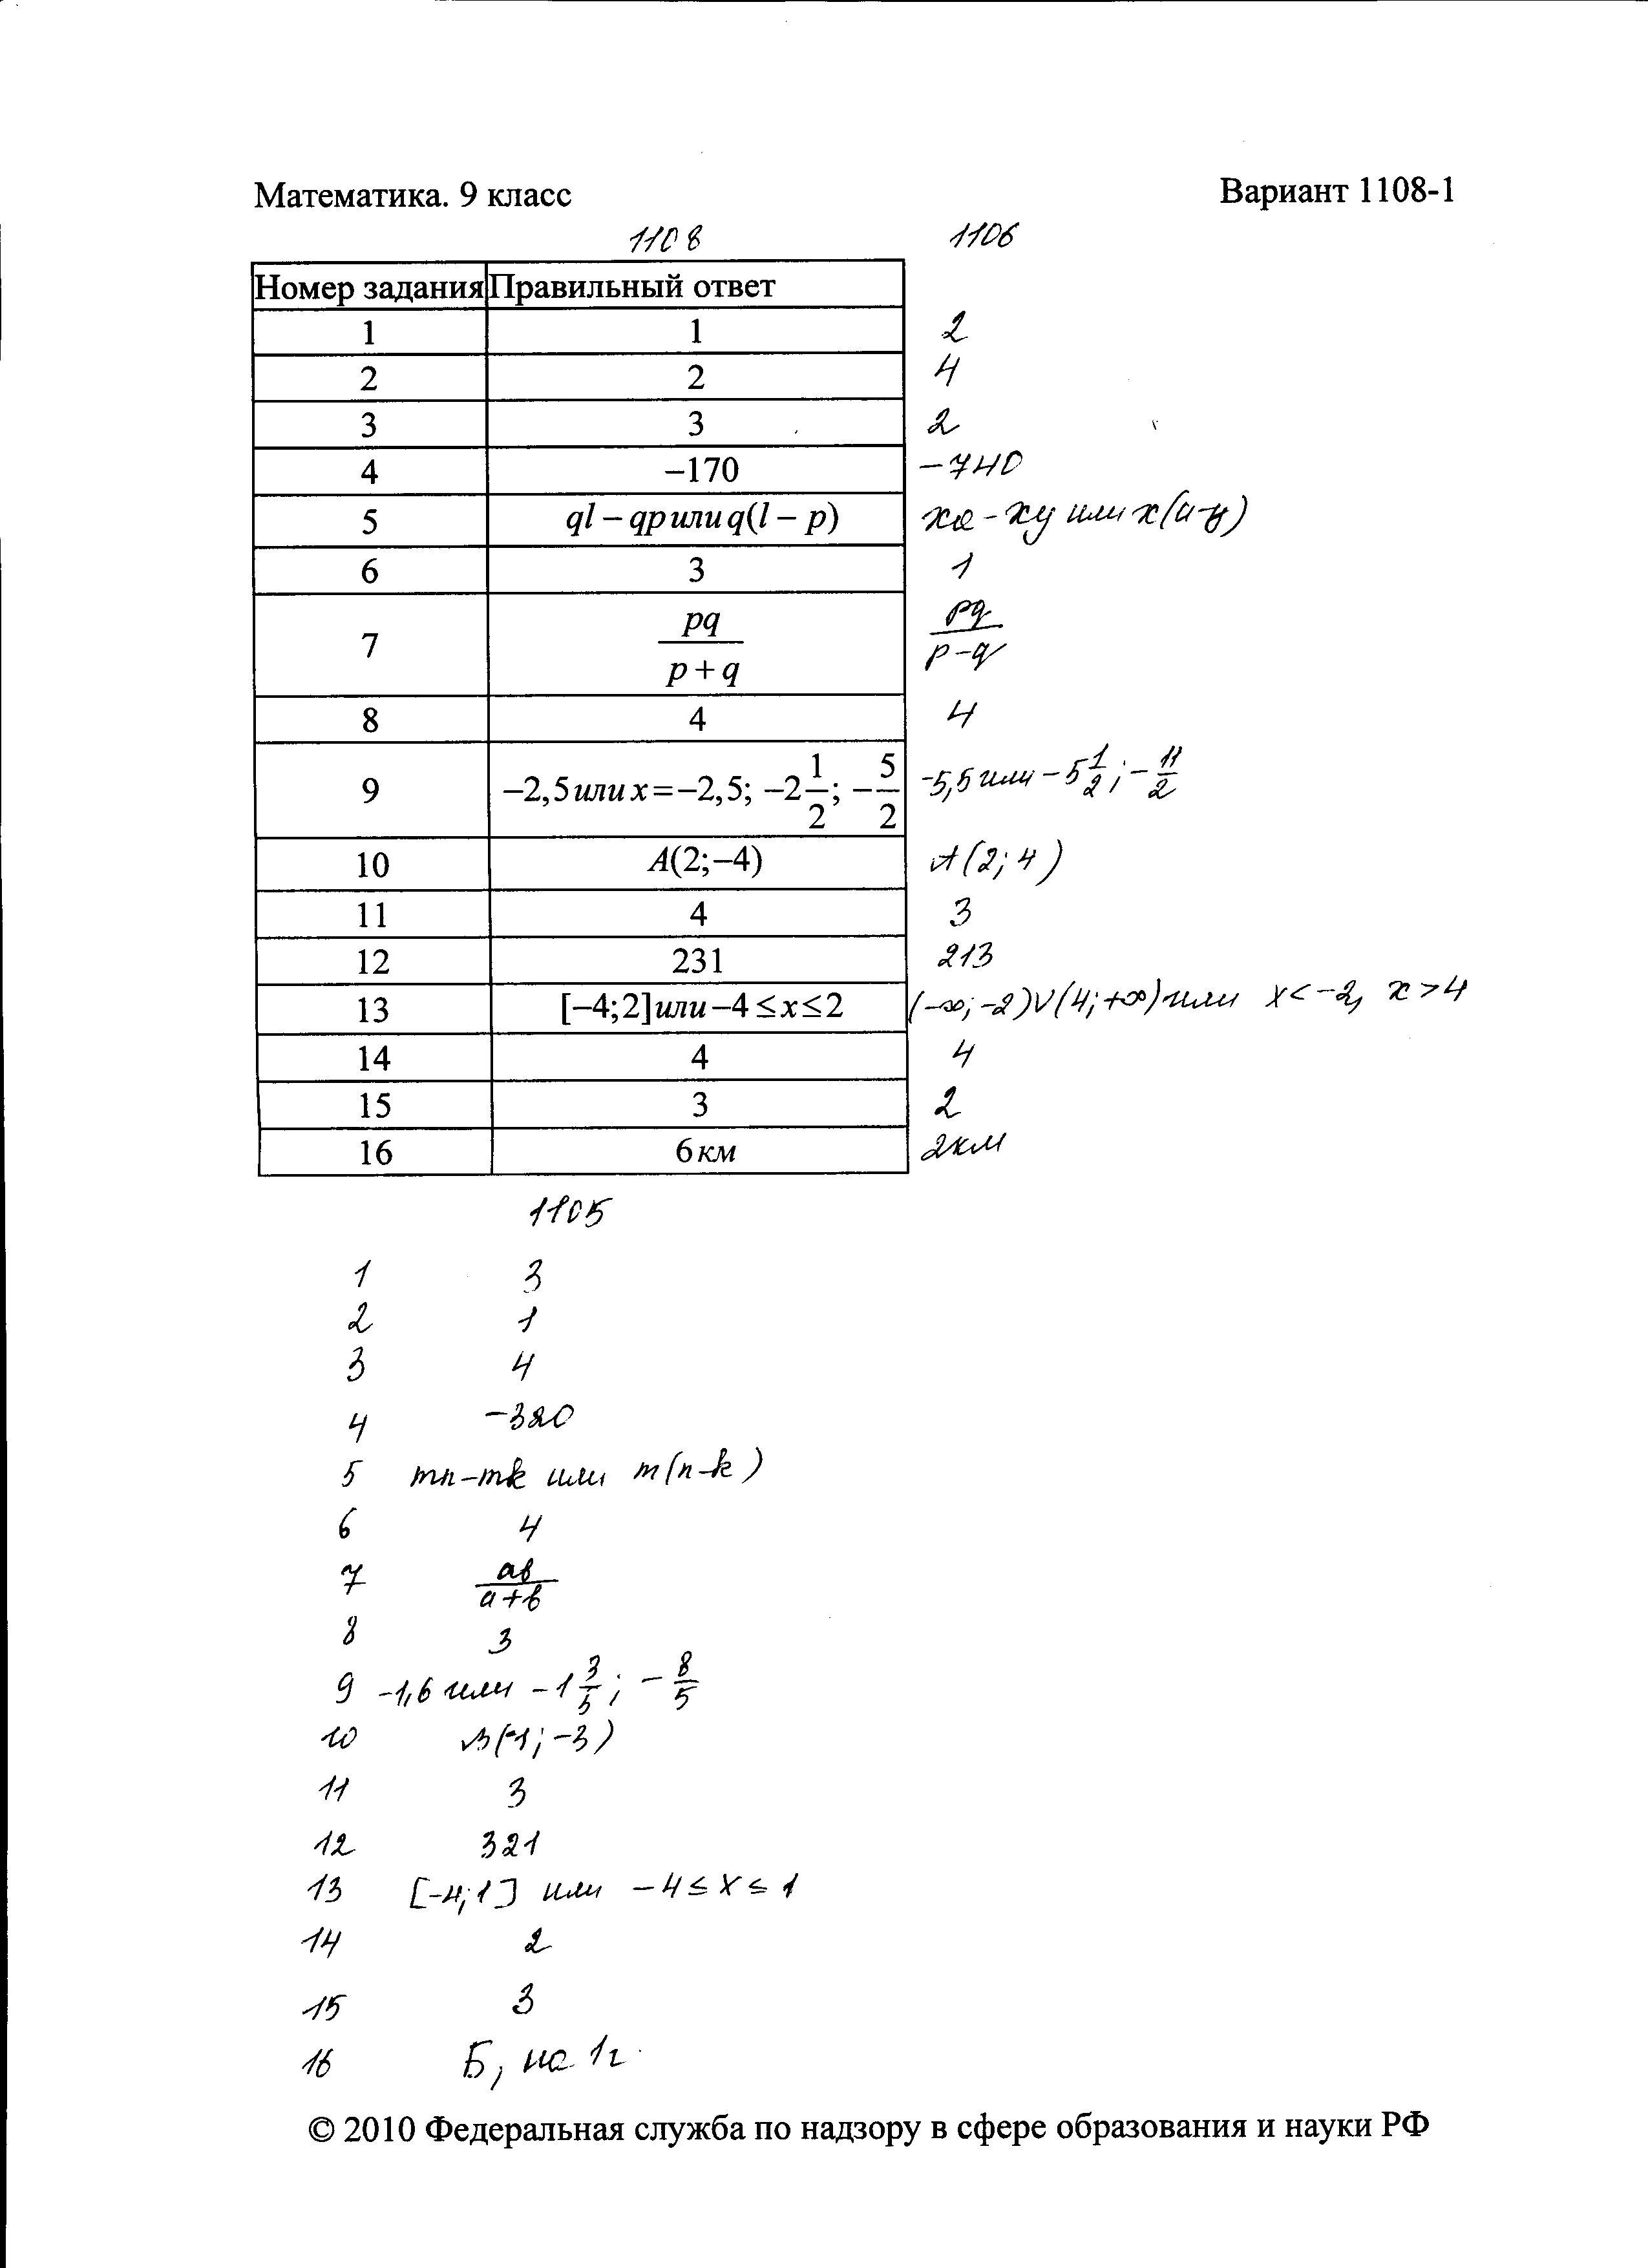 Ответы на печатную тетрадь 6 класса т.в.красильниковой